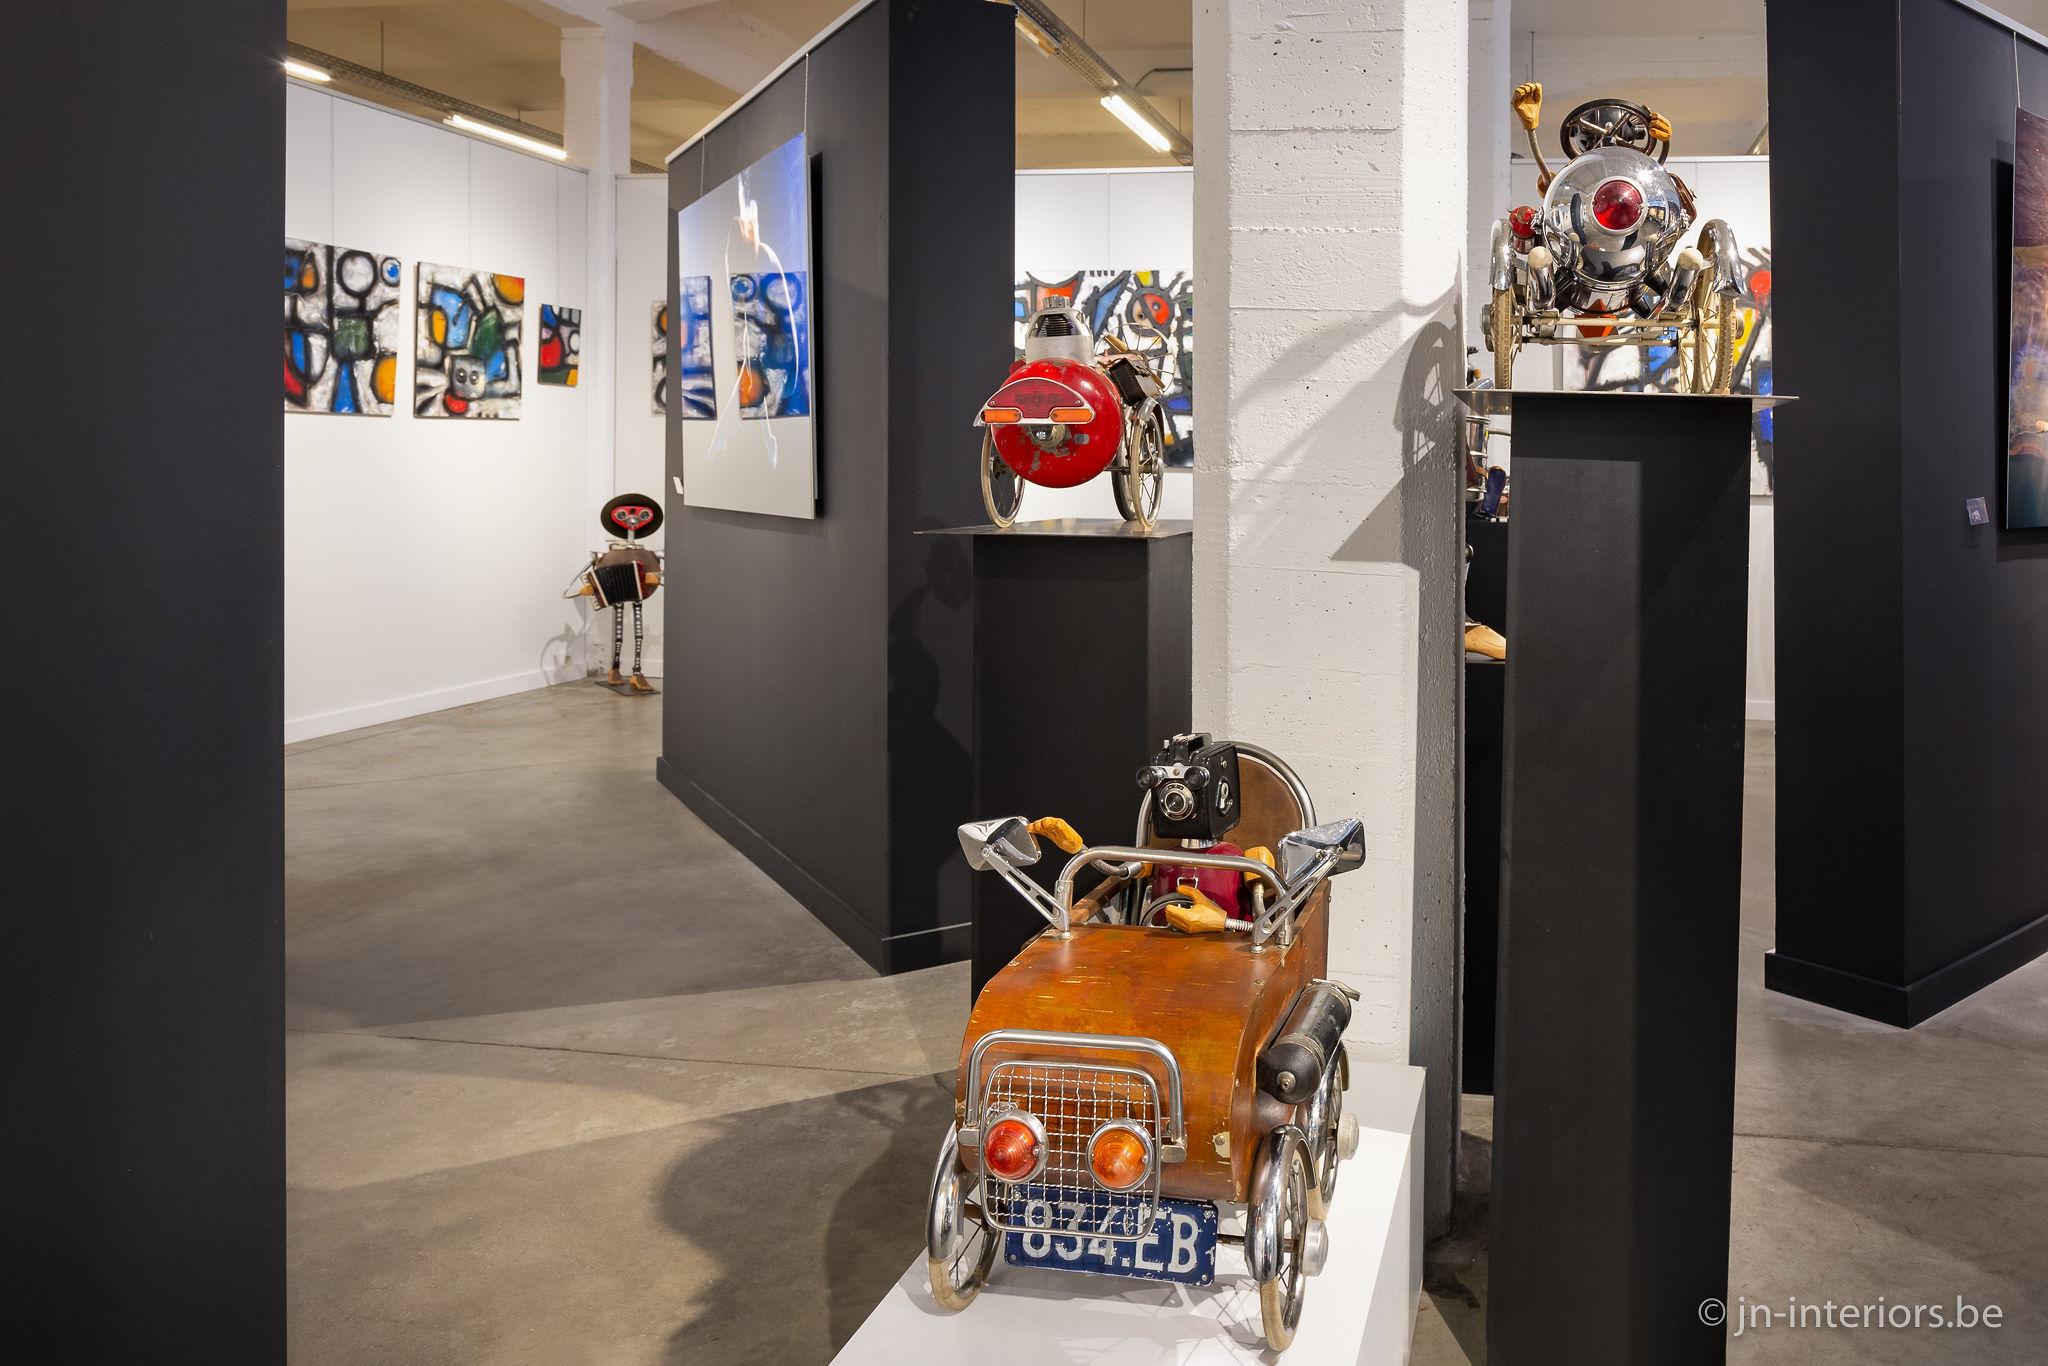 oeuvres d'art, exposition art, voitures mécaniques, robot, tableaux, artistes belges, magasin de décoration, jn interiors, jour et nuit liège verviers